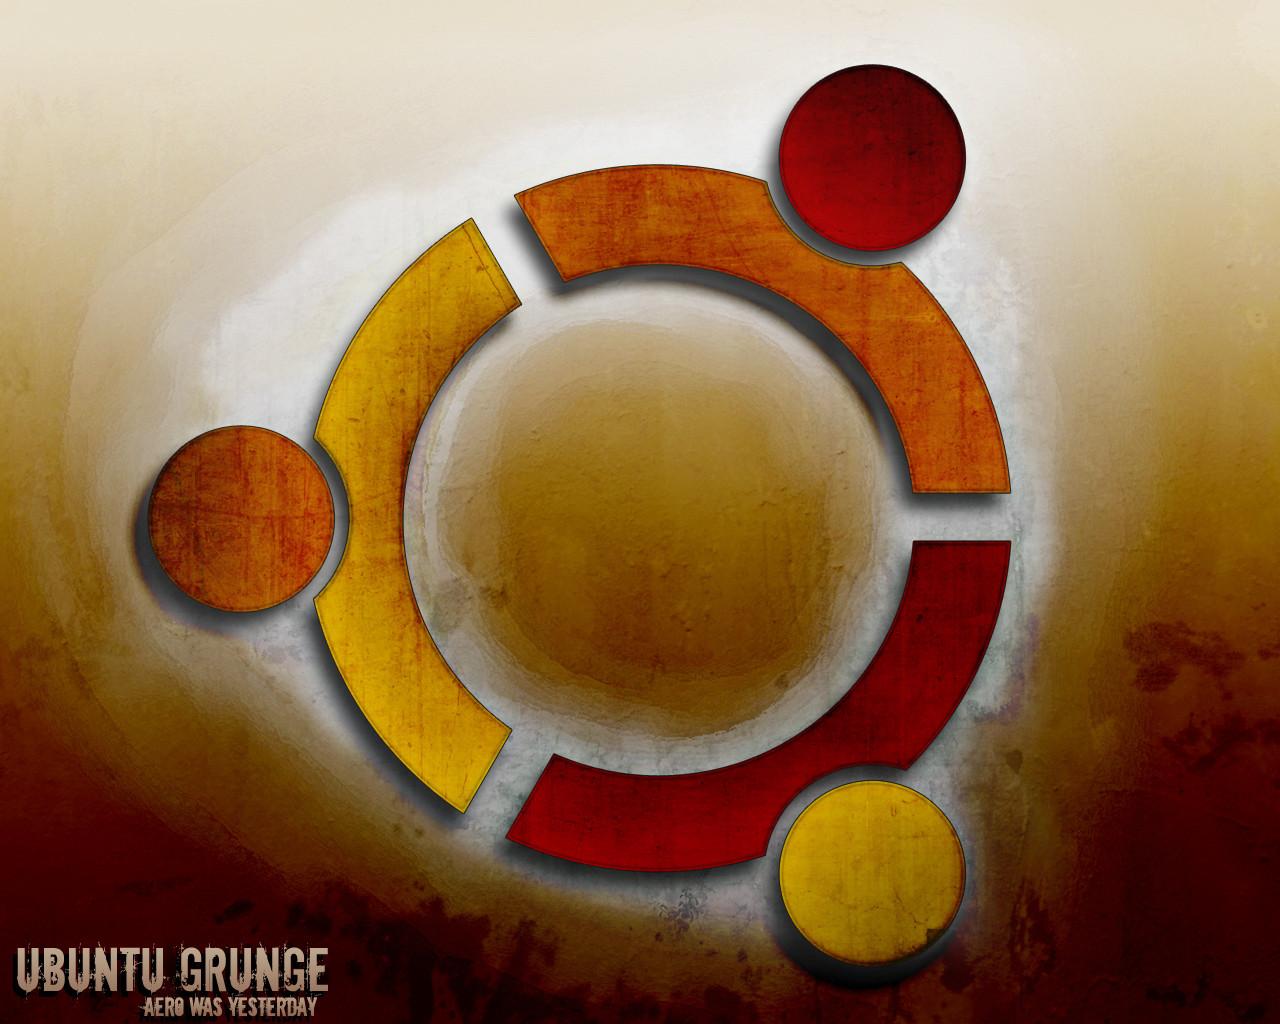 Ubuntu Grunge